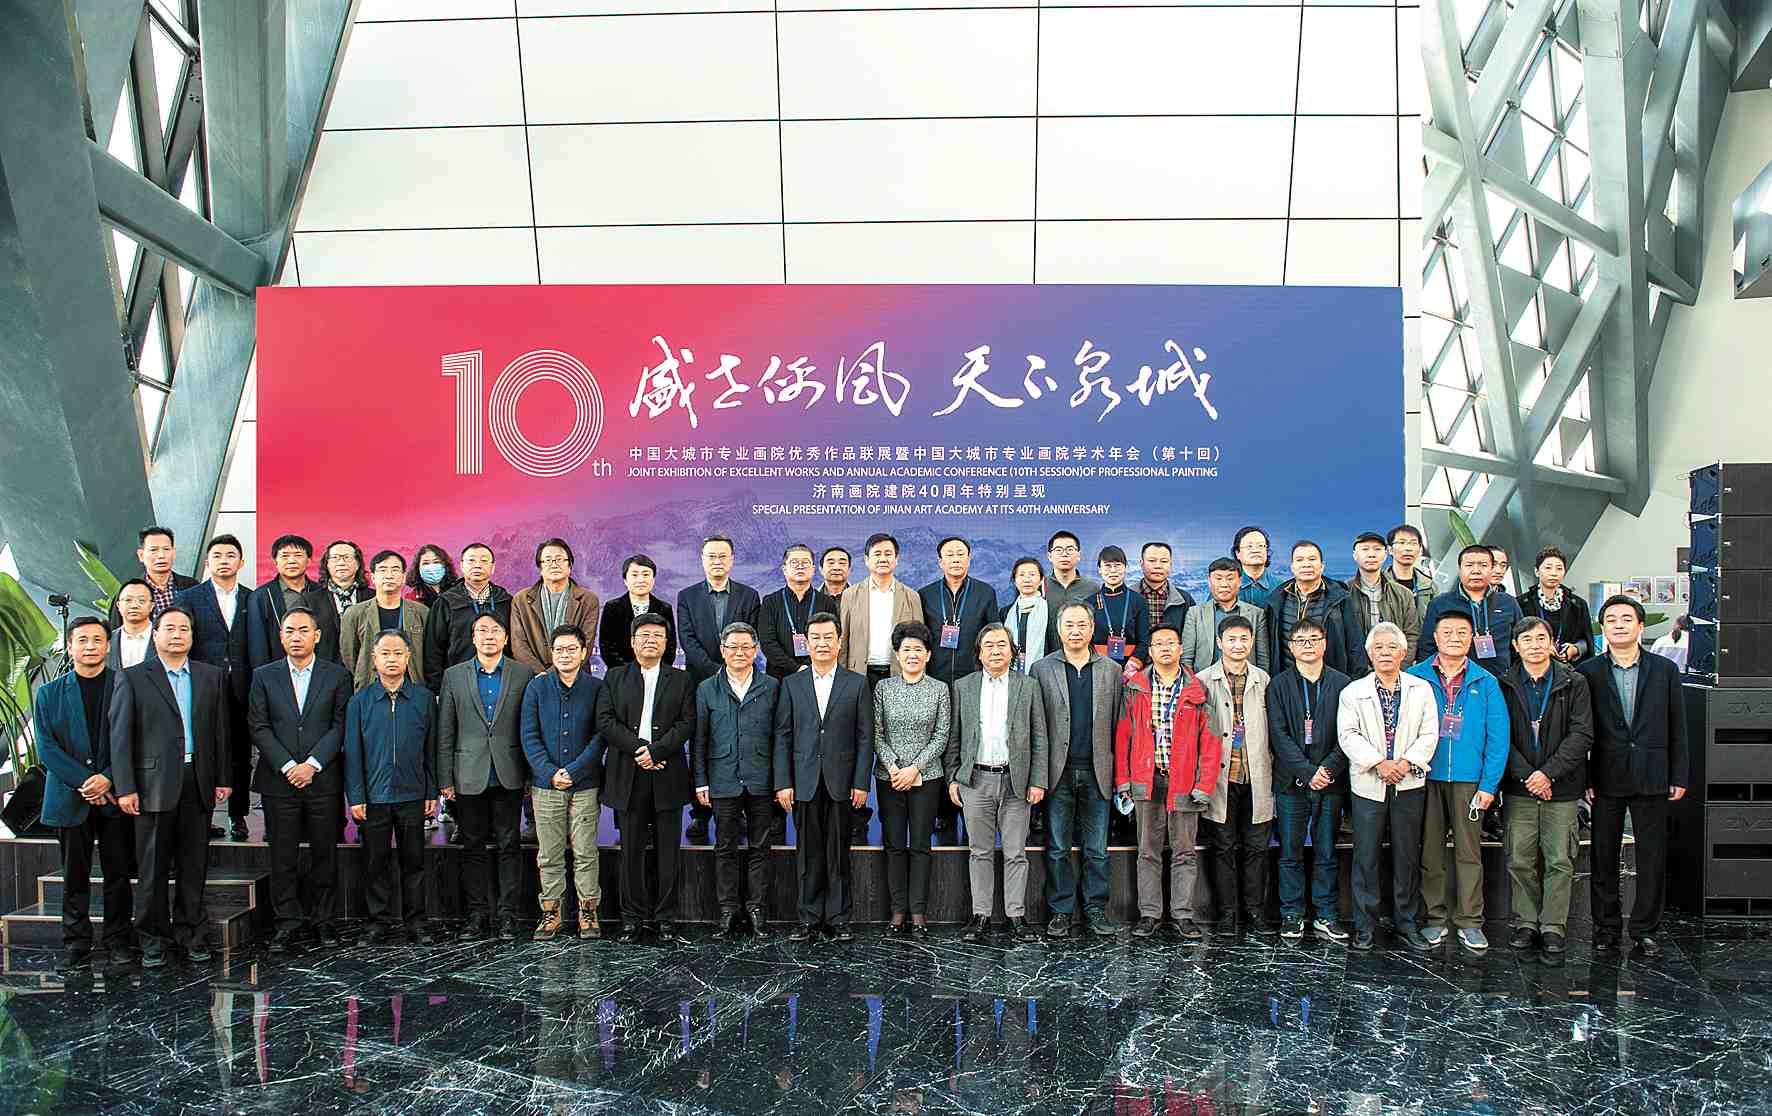 256件精品力作!中国大城市专业画院优秀作品联展于济南举办